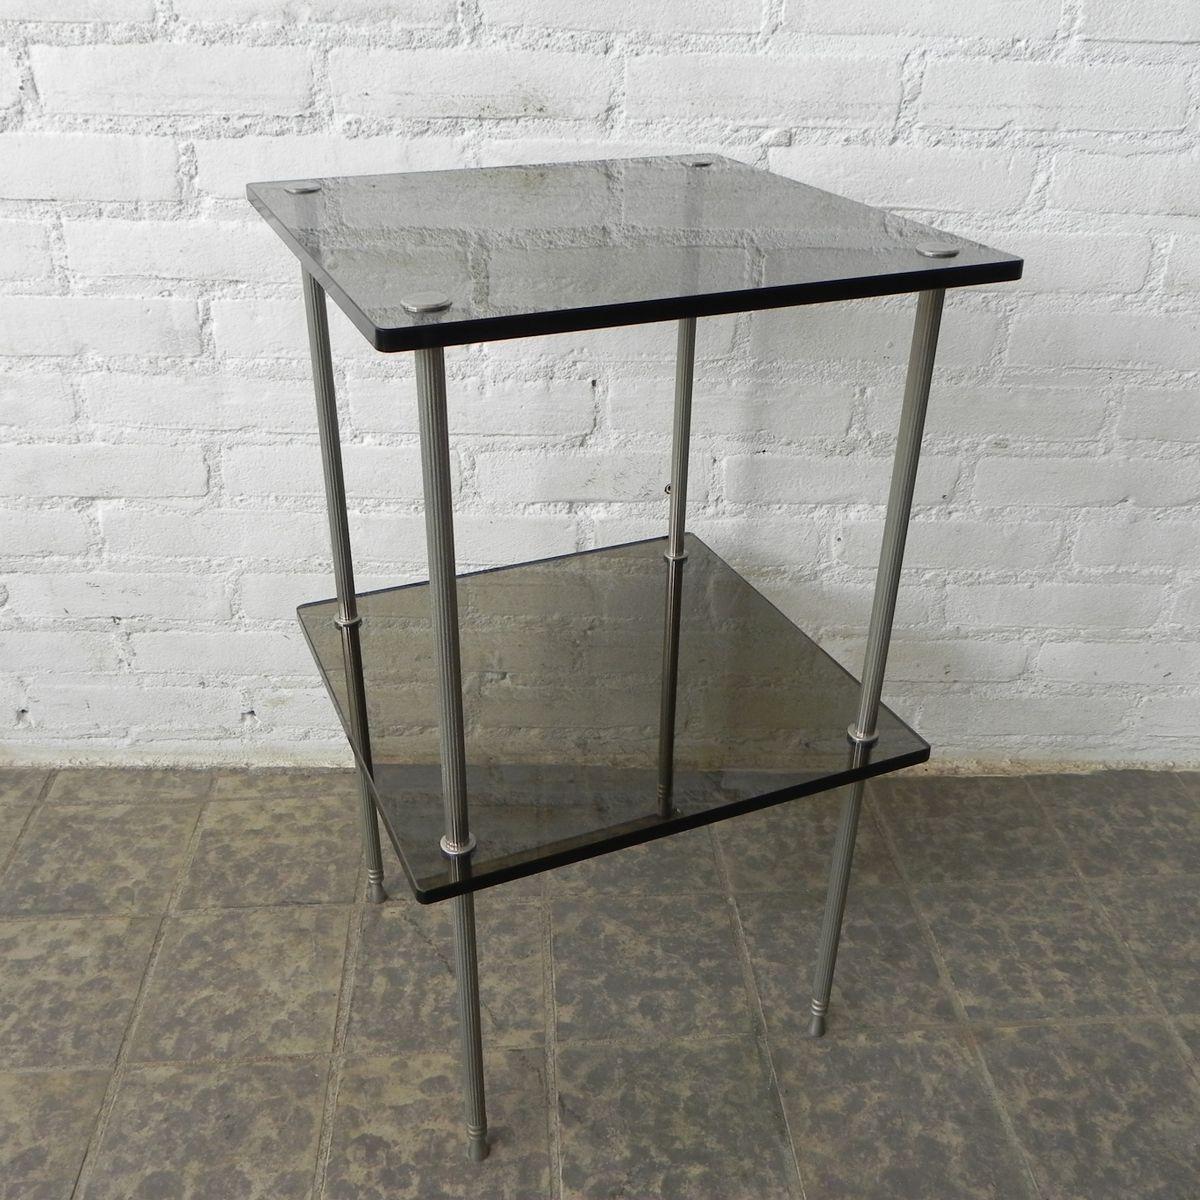 vintage beistelltisch mit 2 glasplatten bei pamono kaufen. Black Bedroom Furniture Sets. Home Design Ideas